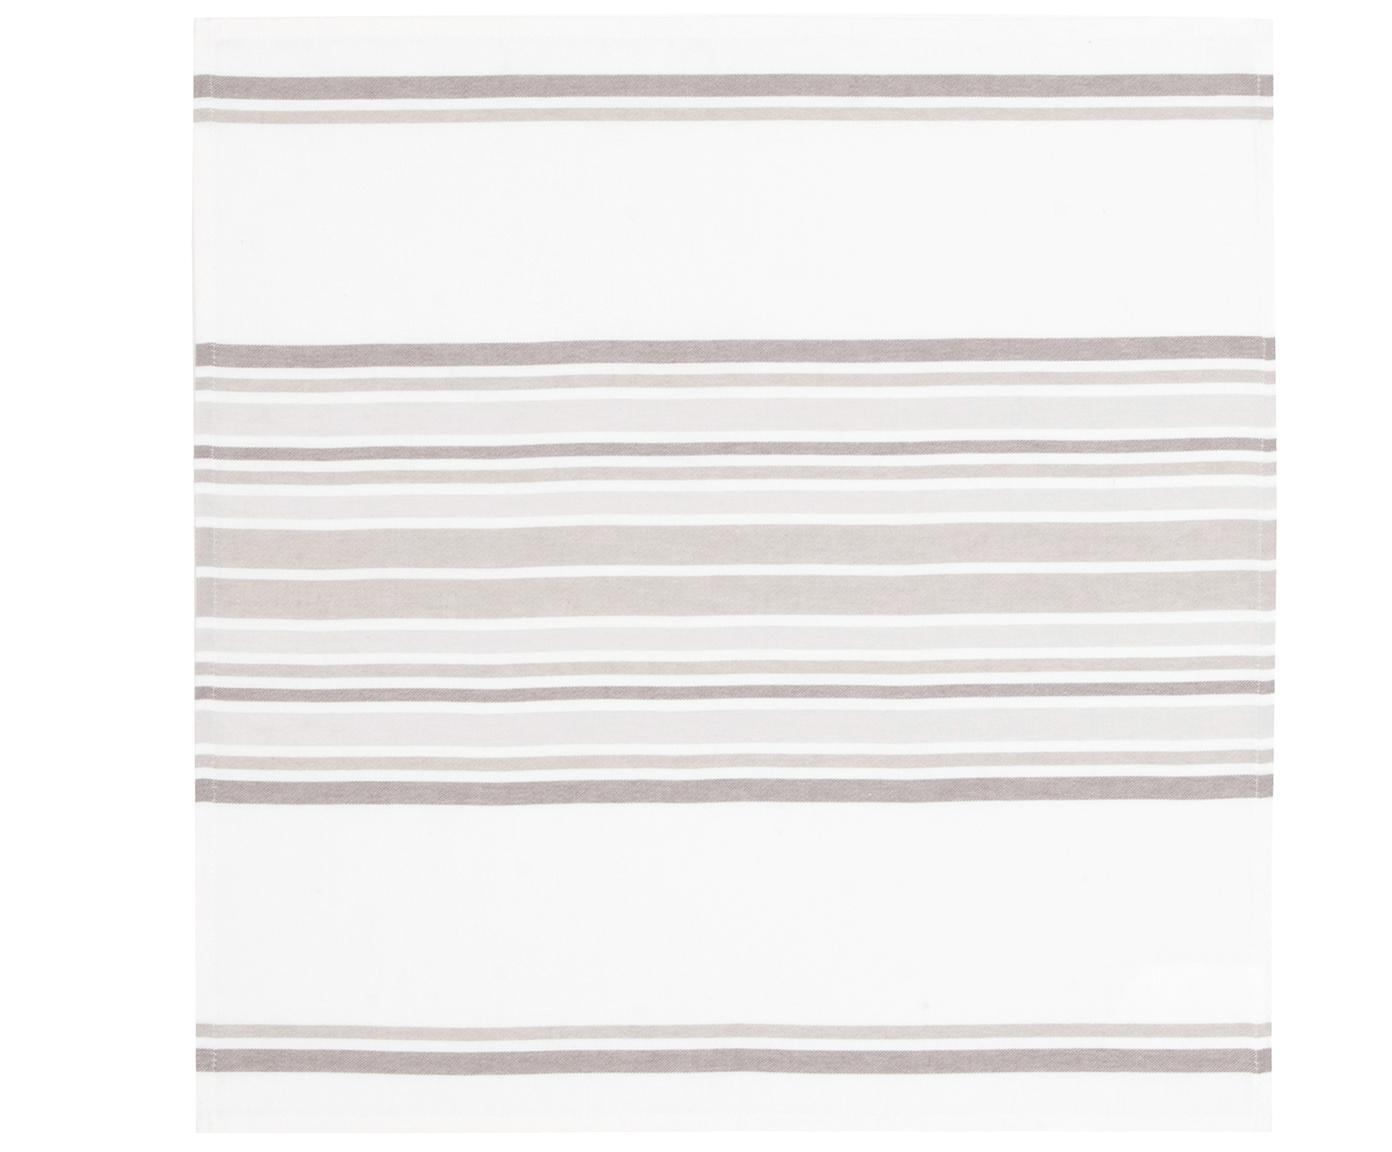 Baumwoll-Servietten Katie, 2 Stück, Baumwolle, Weiss, Beige, 50 x 50 cm